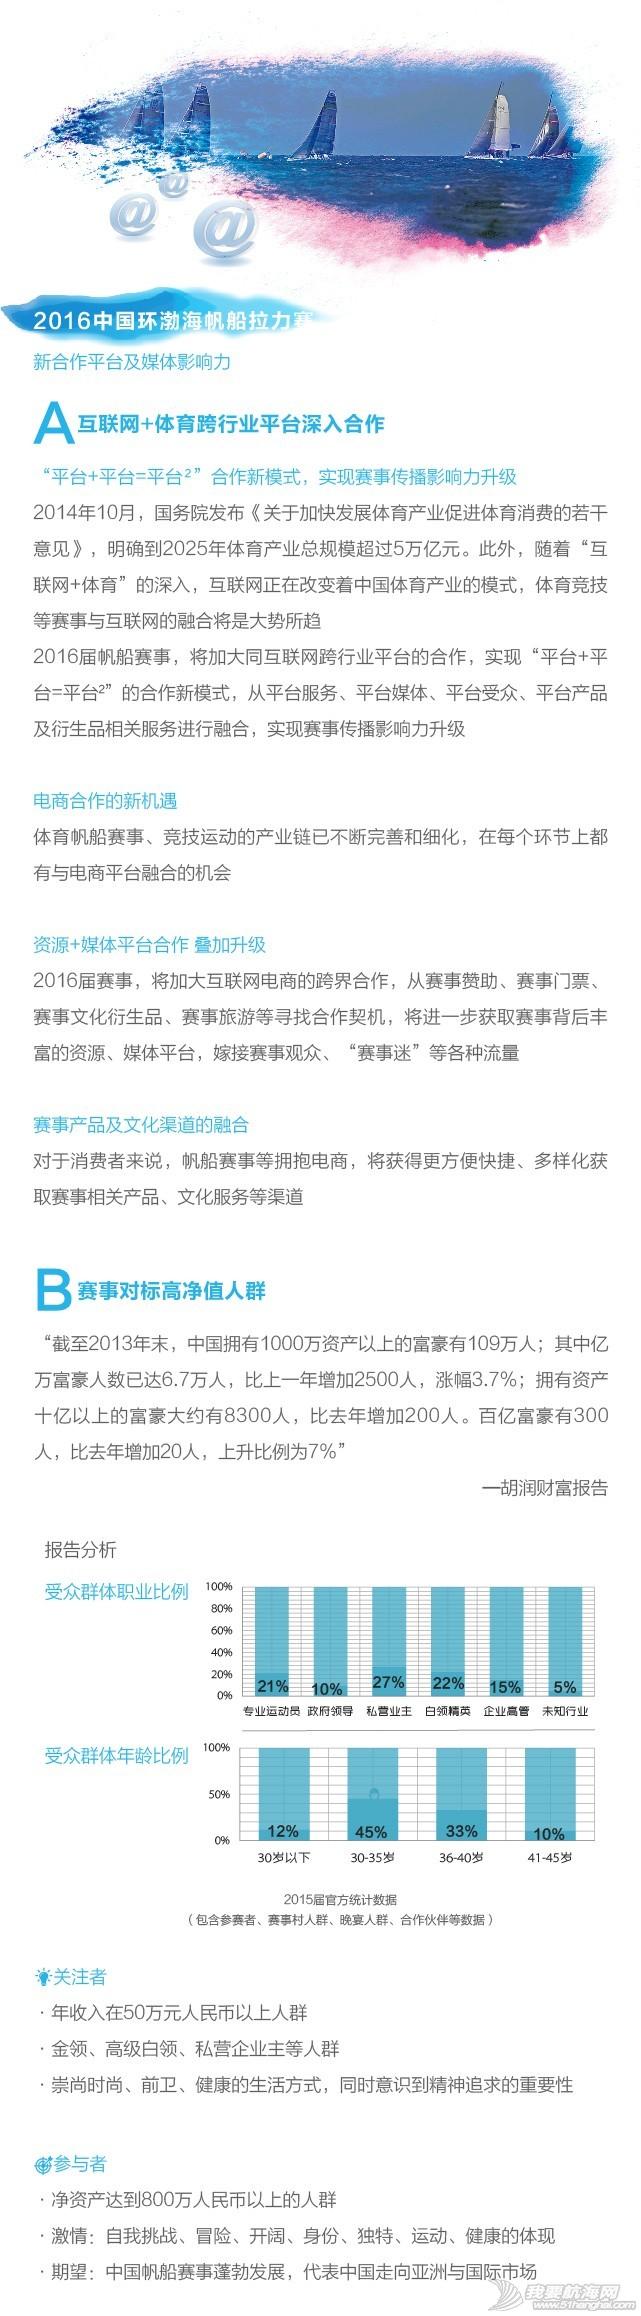 拉力赛,中国,渤海,帆船 2016中国环渤海帆船拉力赛 112206ax3xrhz393ll0rcs.jpg